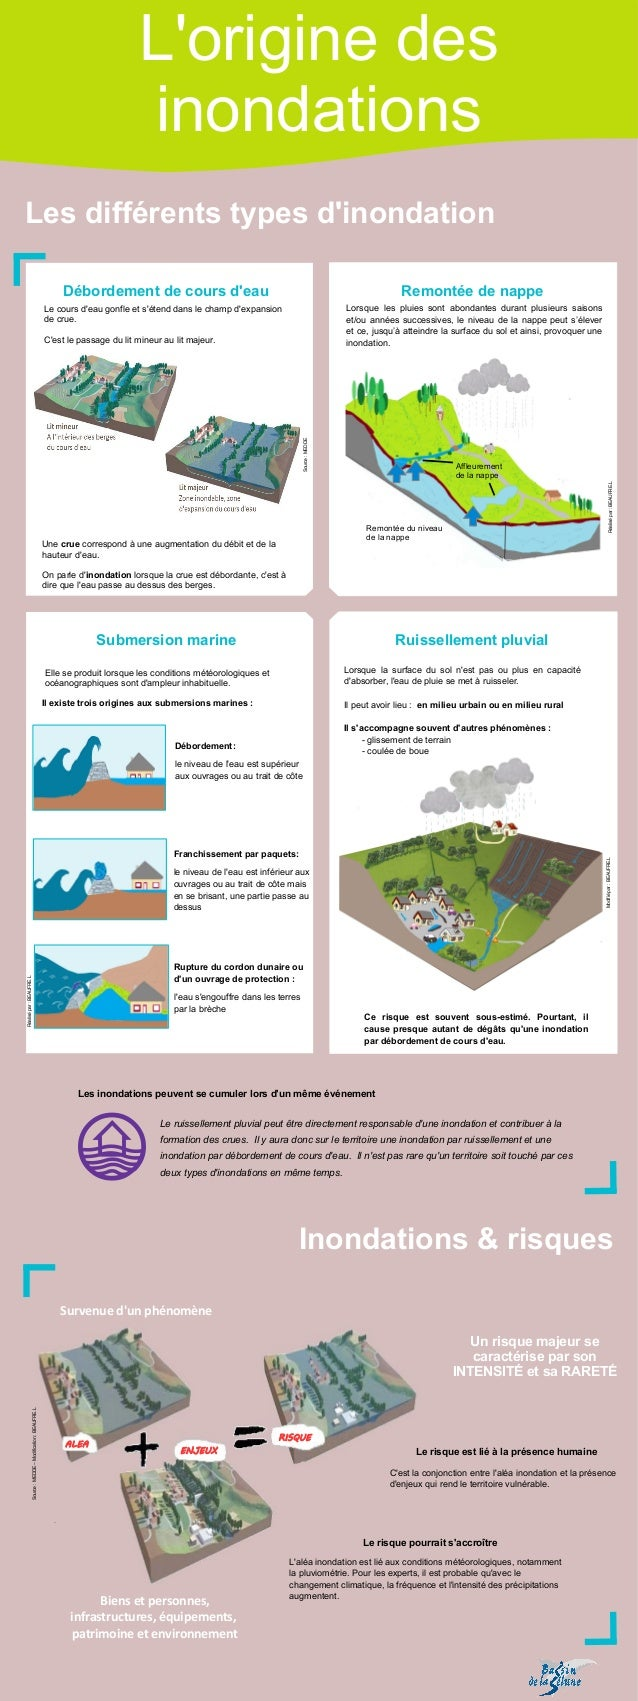 Un risque majeur se caractérise parson INTENSITÉ et sa RARETÉ Débordement de cours d'eau Remontée de nappe Submersion mar...